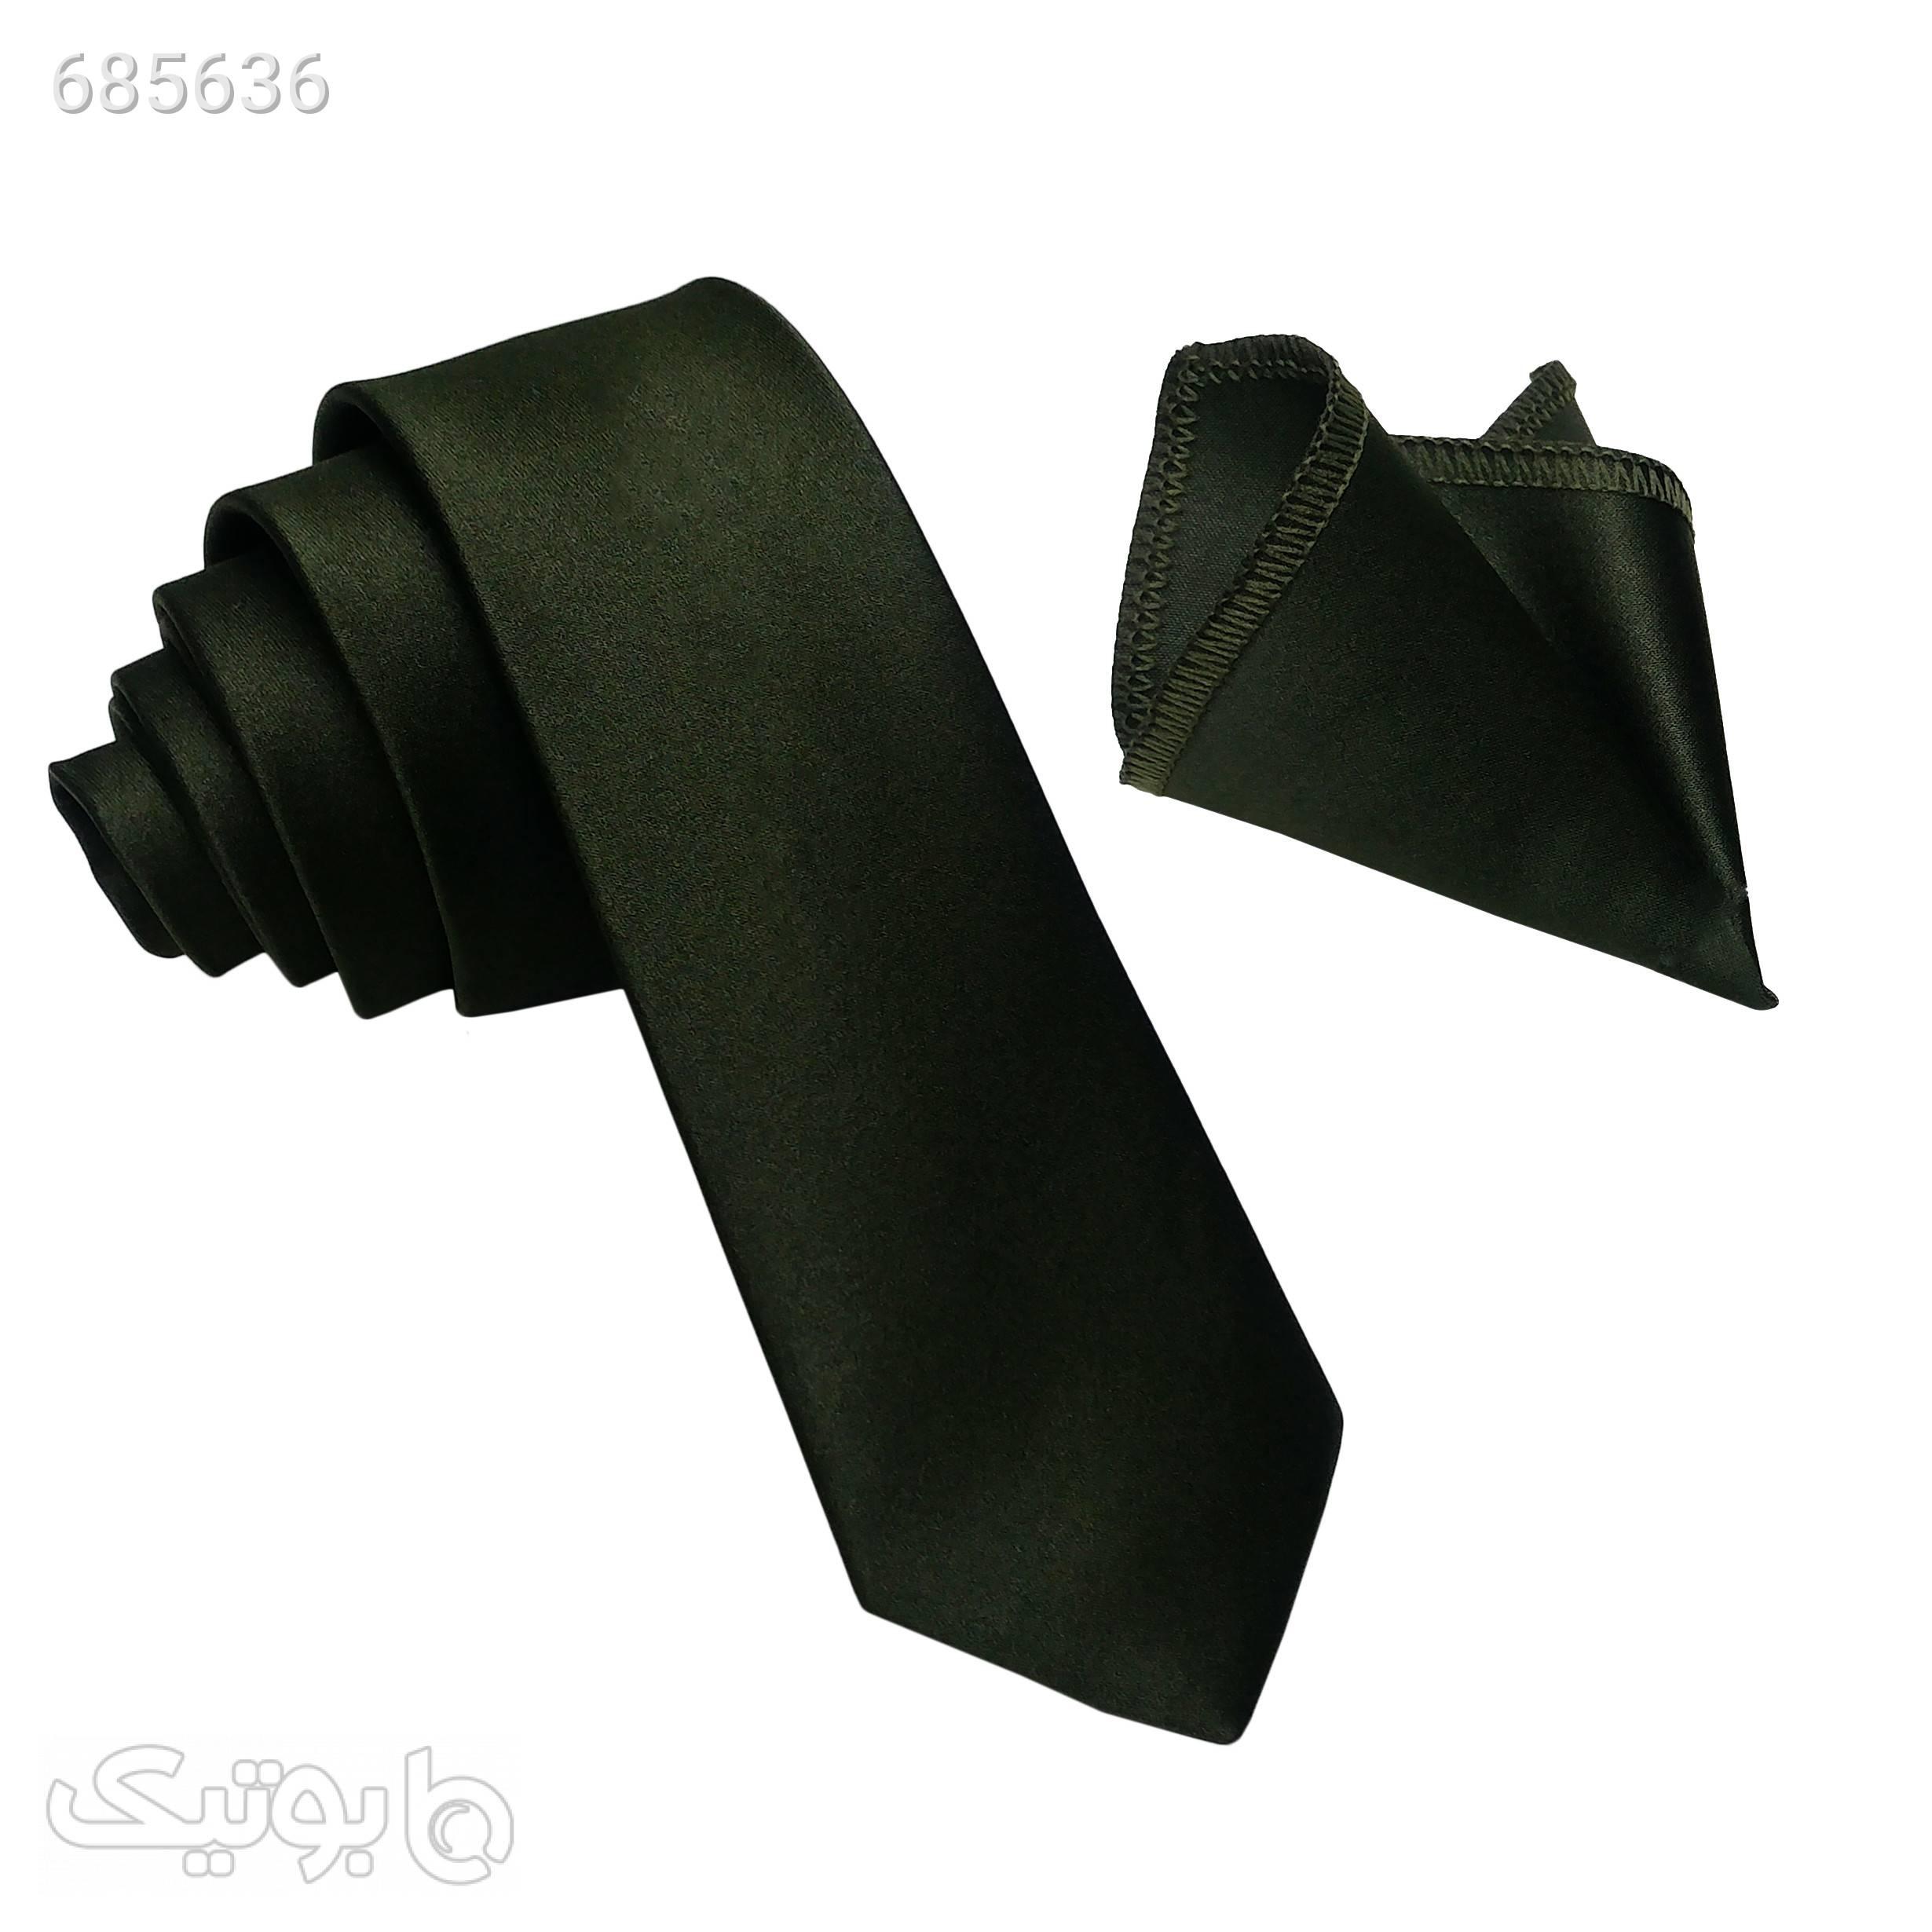 ست کراوات و دستمال جیب مردانه مدل 00 مشکی كراوات و پاپيون